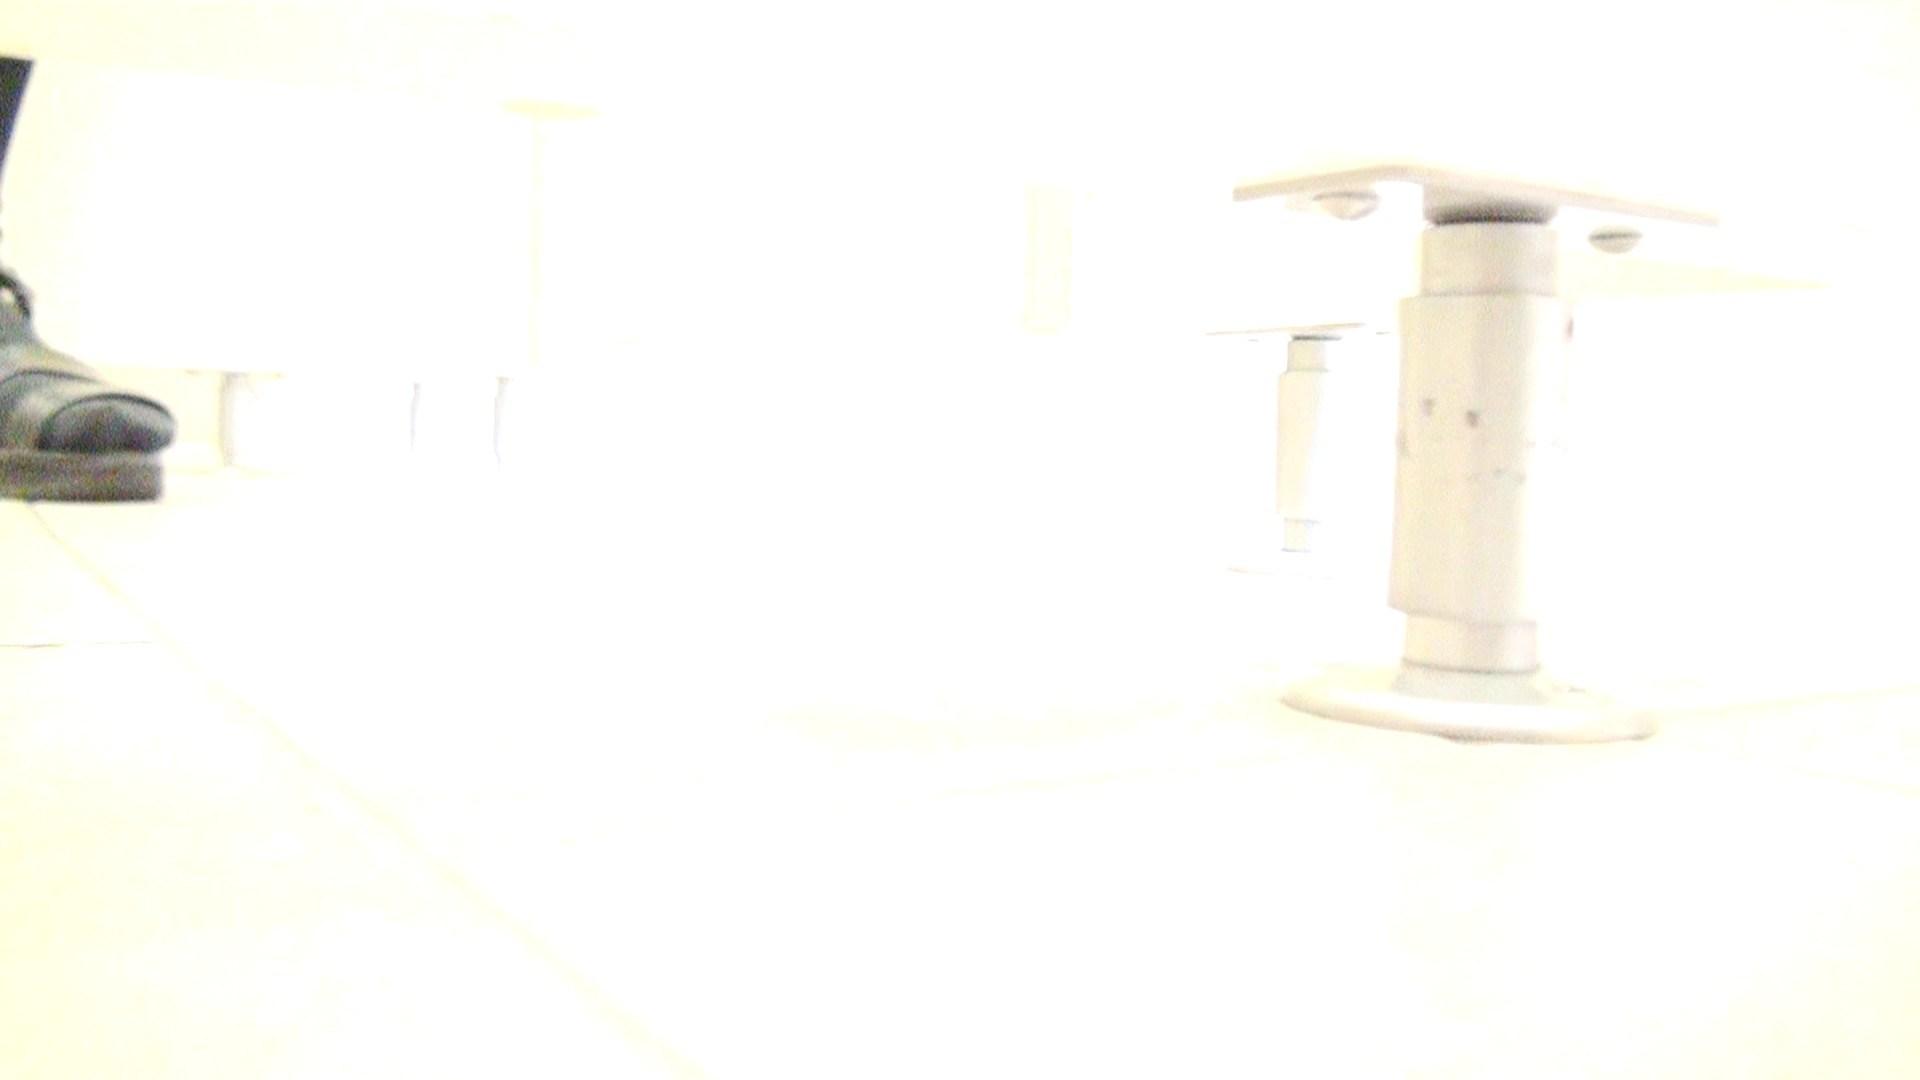 ※100個限定販売 至高下半身盗撮 プレミアム Vol.25 ハイビジョン エッチなお姉さん われめAV動画紹介 83画像 58